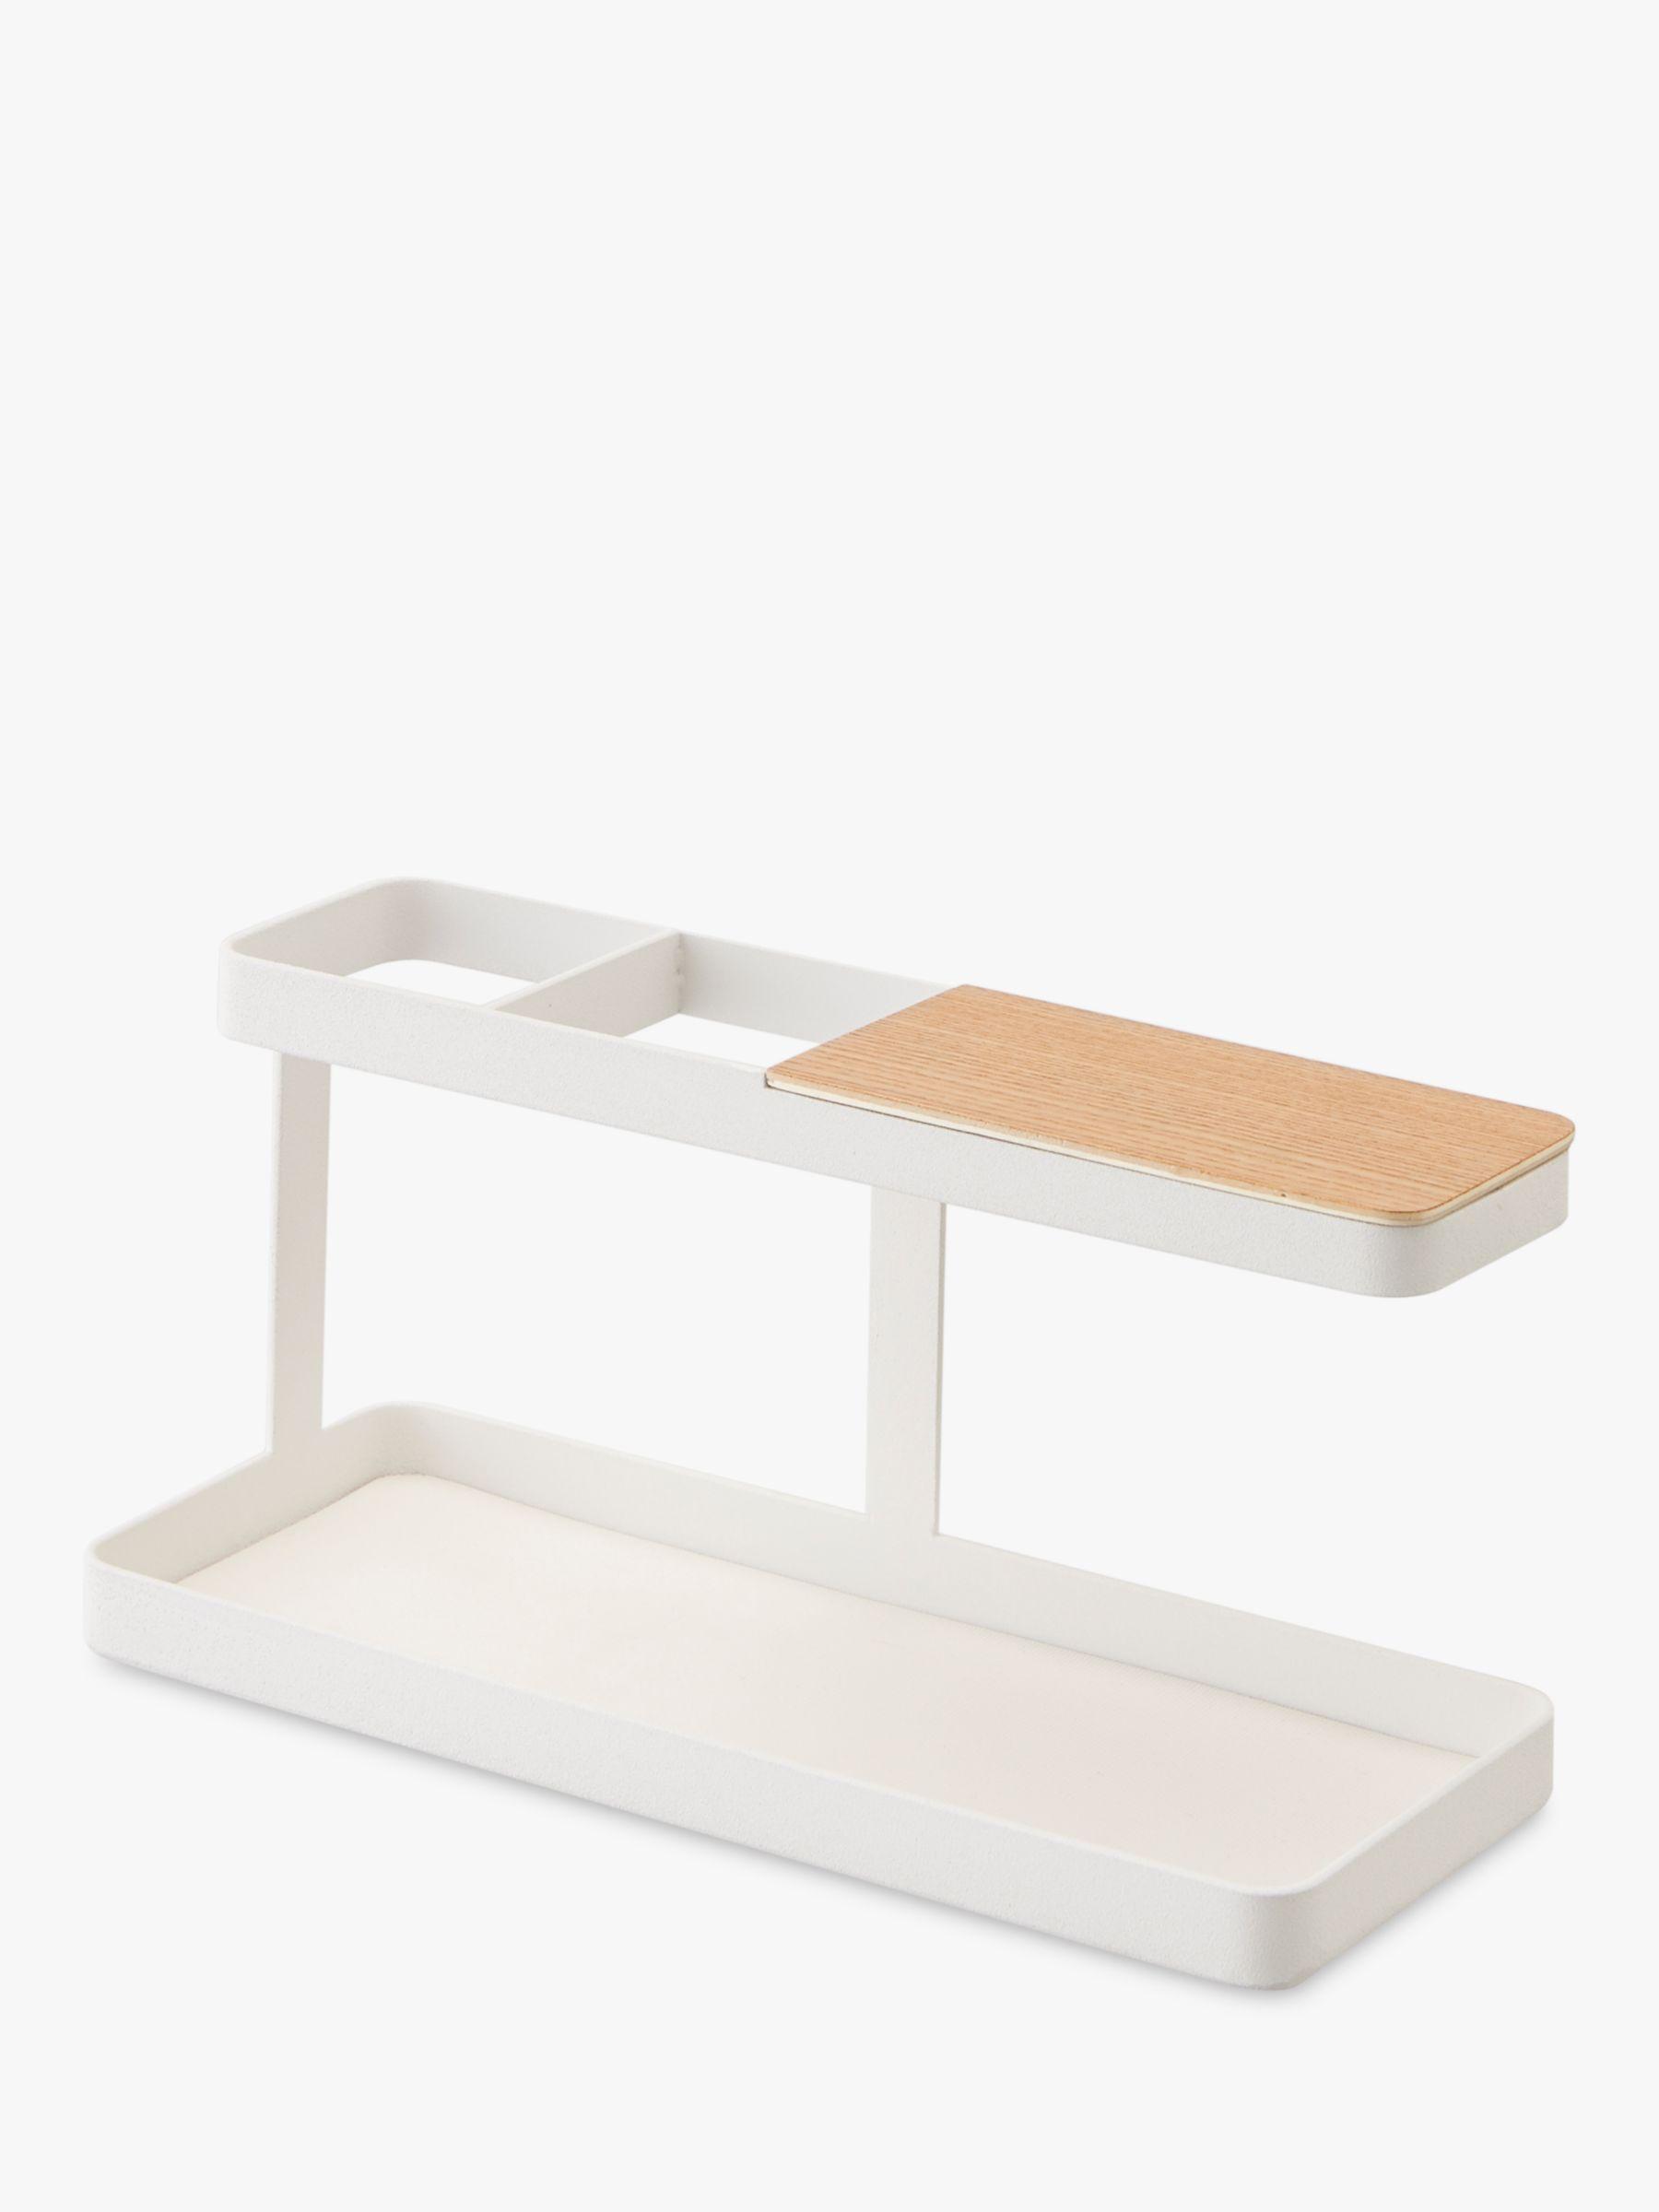 Yamazaki Yamazaki Tower Desk Organiser